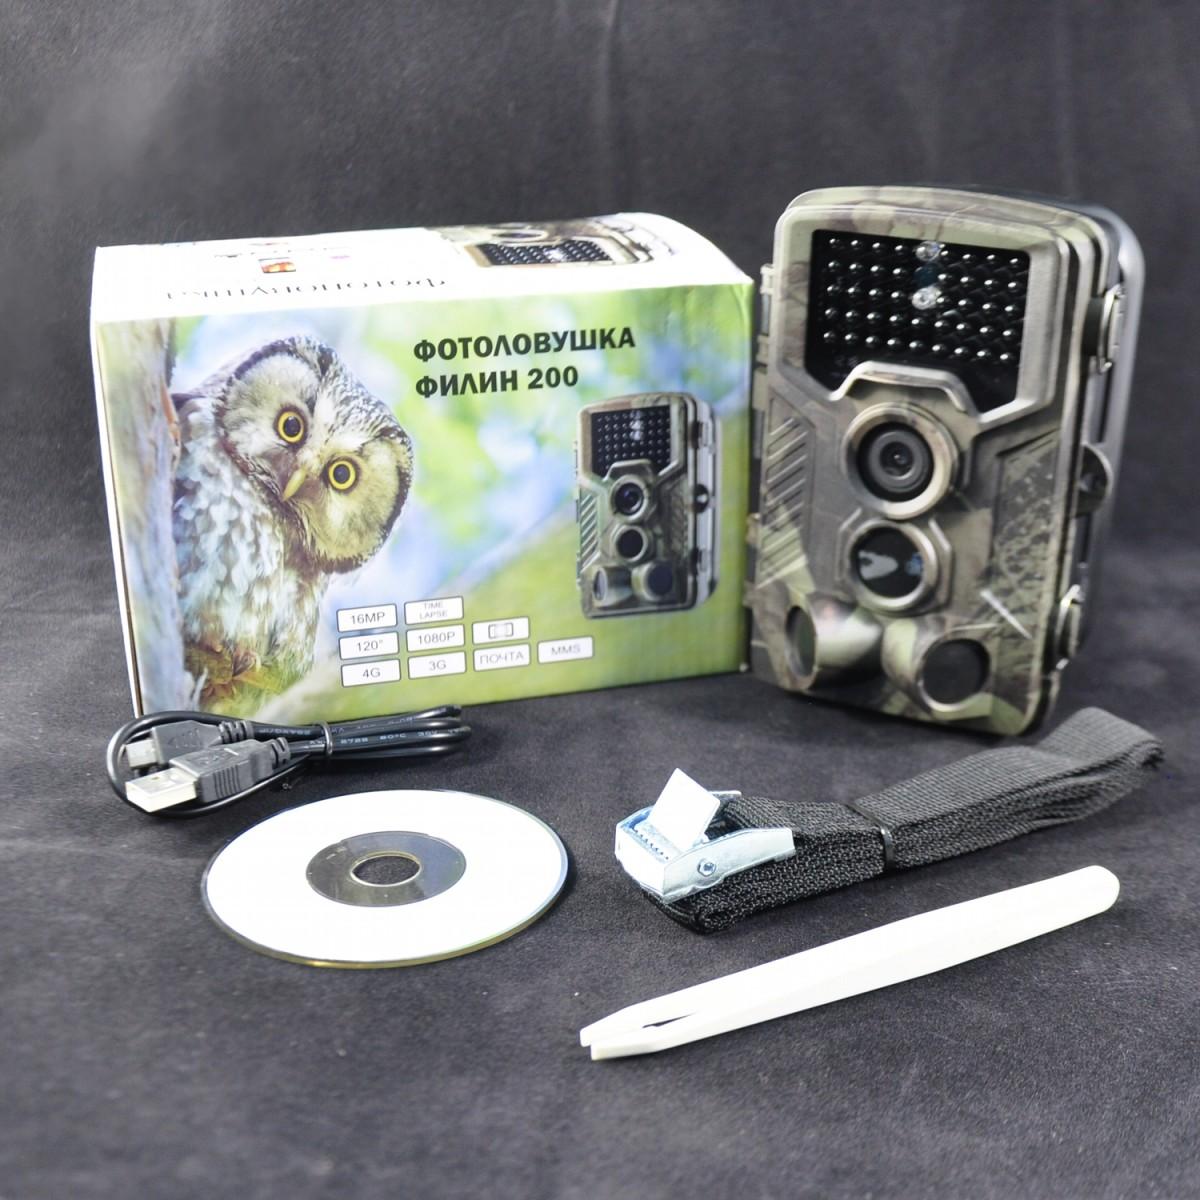 фотоловушка gsm mms Филин 200  4G